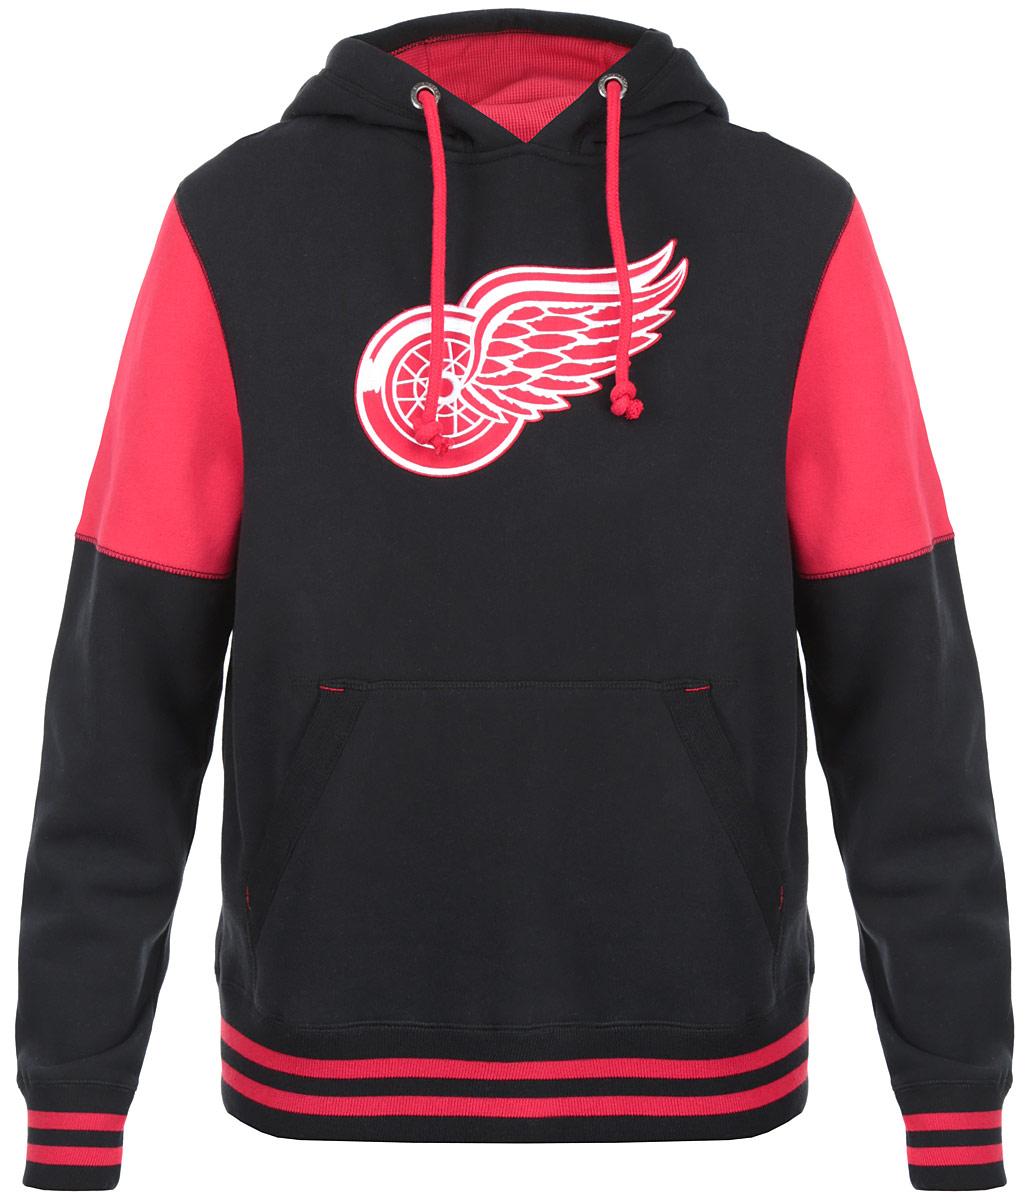 Толстовка мужская NHL Detroit Red Wings, цвет:  черный, красный.  35320.  Размер XS (44) NHL